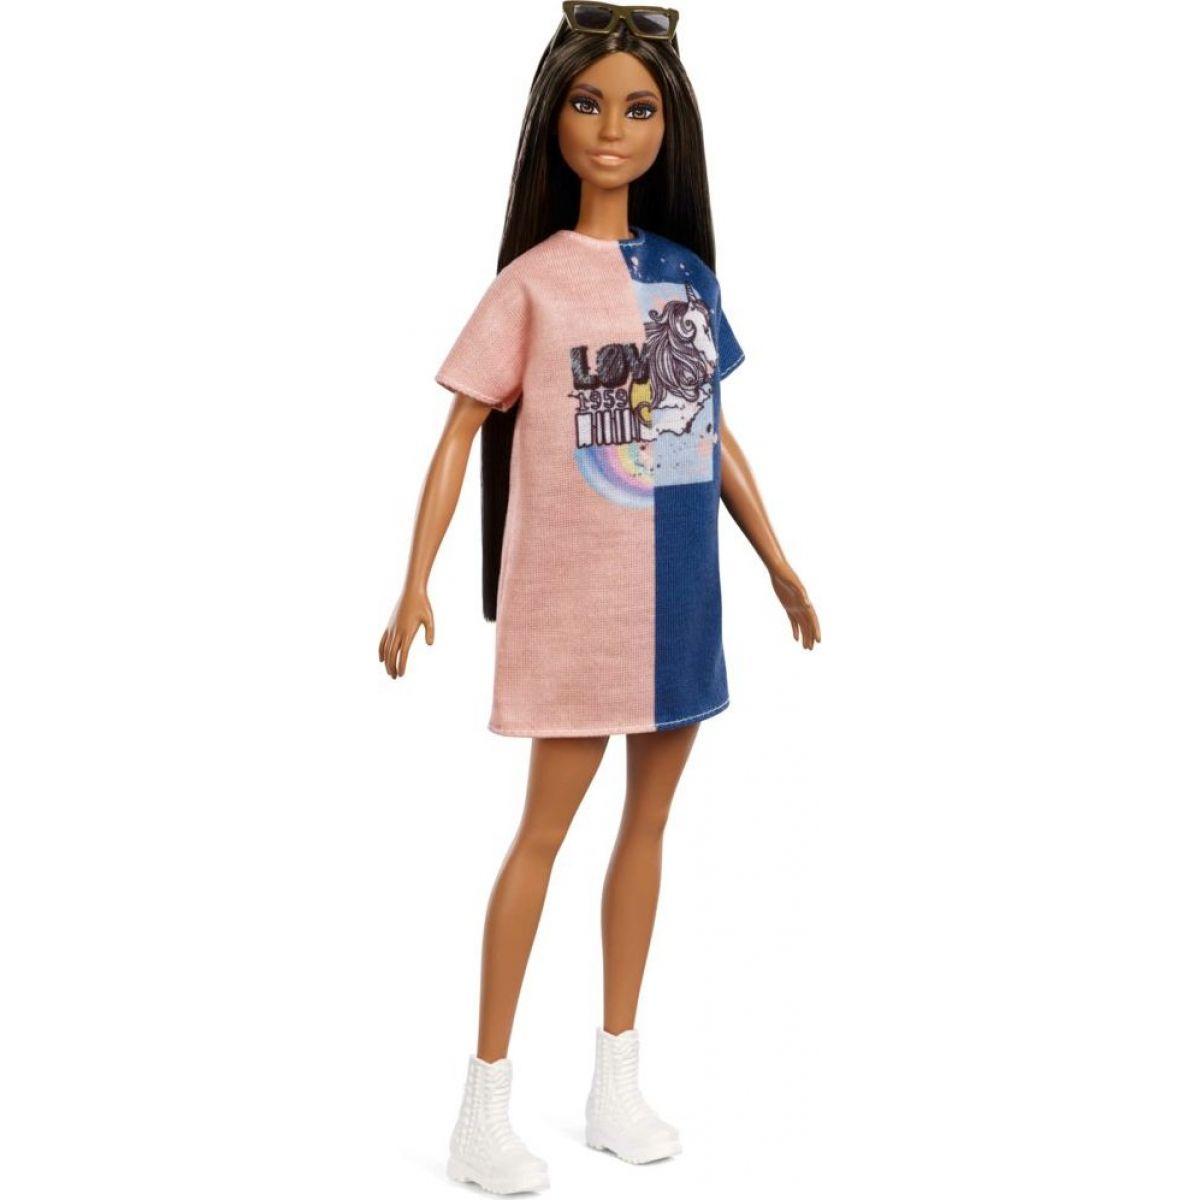 Mattel Barbie modelka 103